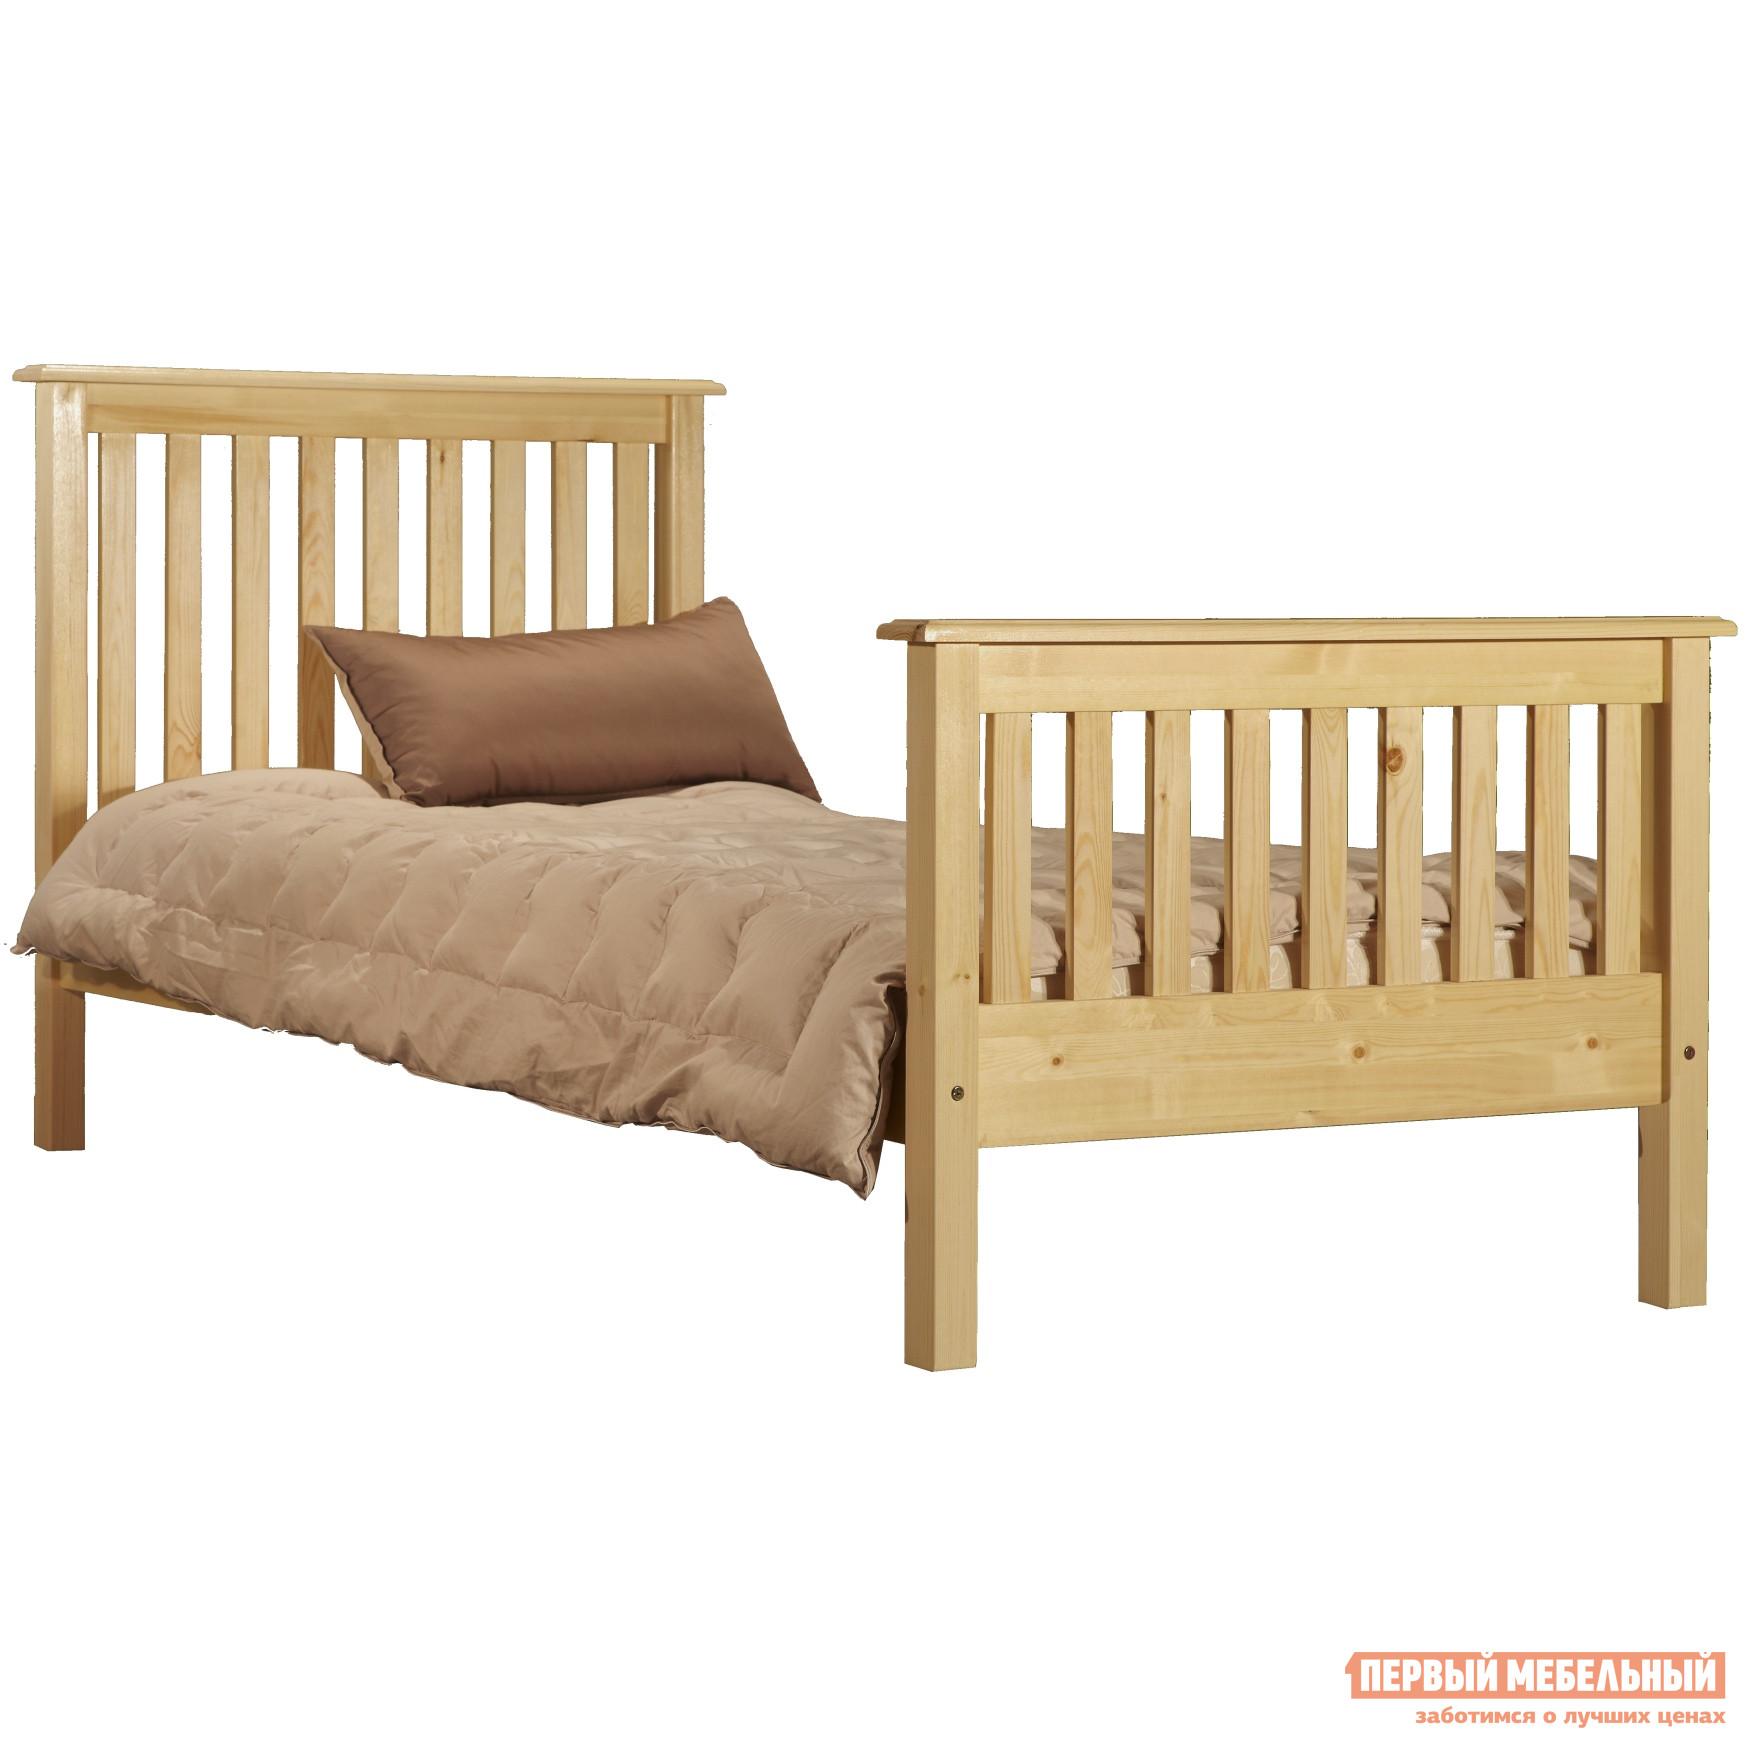 Кровать деревянная полуторная Timberica Рина (R2)